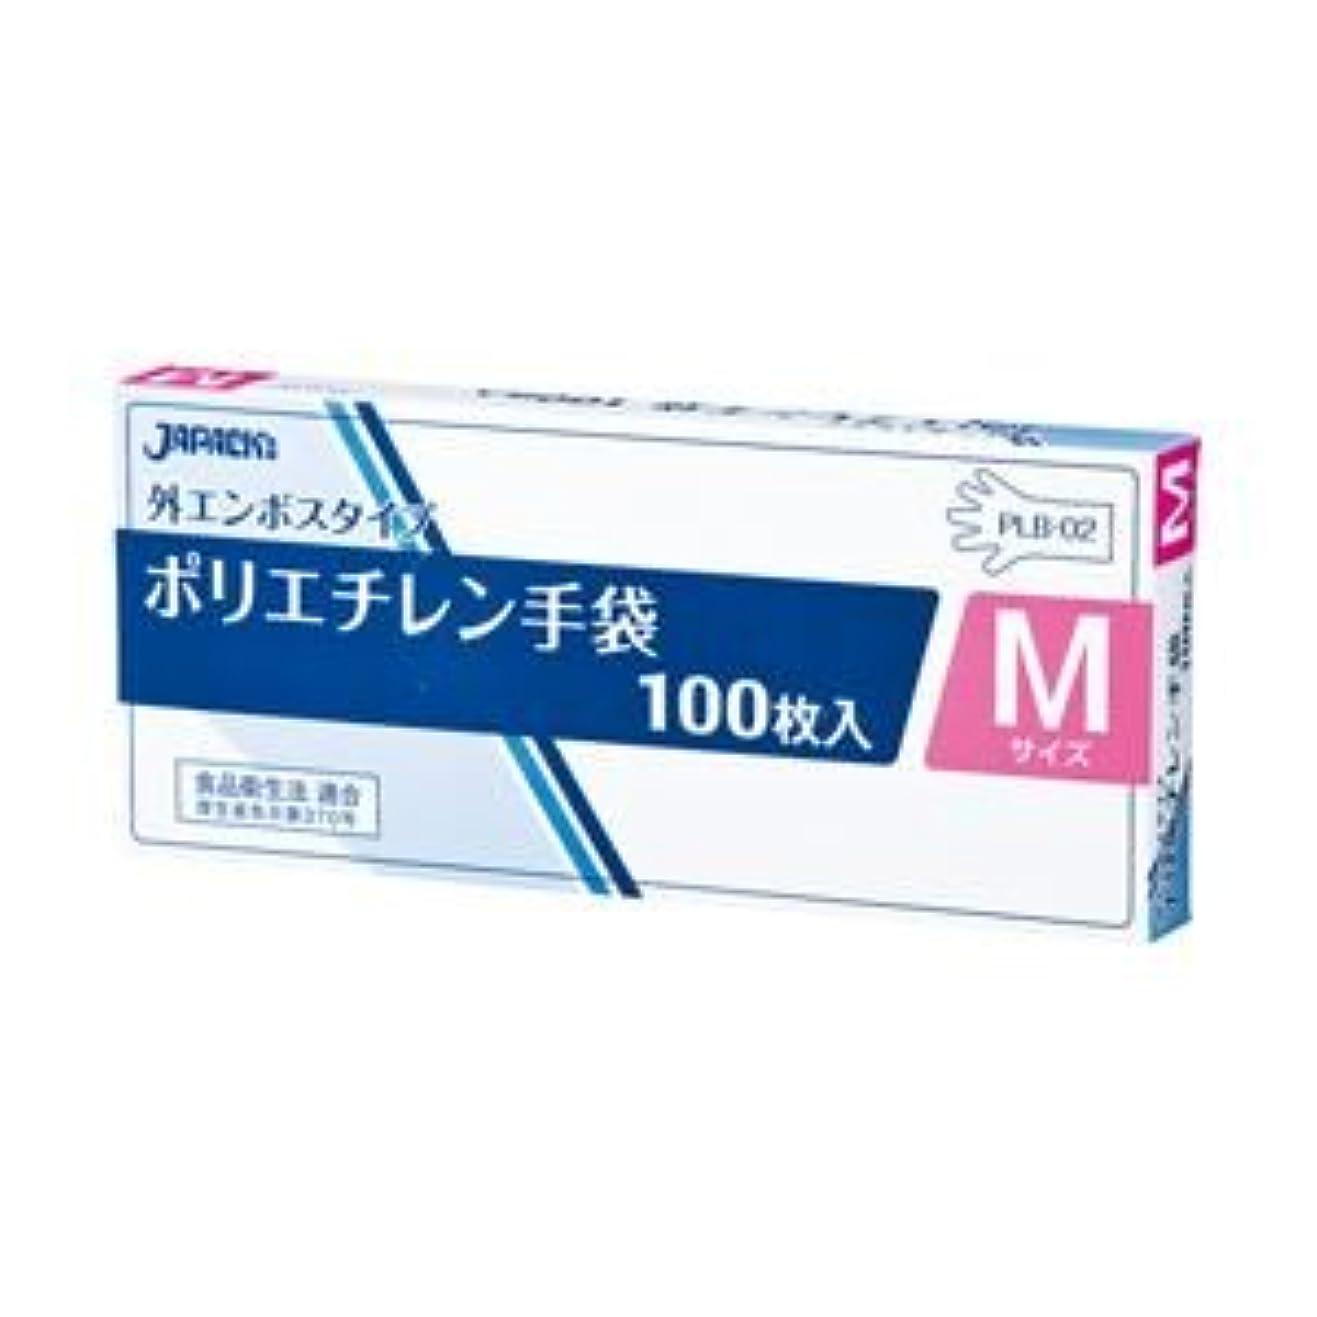 毛皮苦しみ酸度(業務用セット) ジャパックス LDポリエチレン手袋 M 1箱(100枚) 【×20セット】 dS-1638959